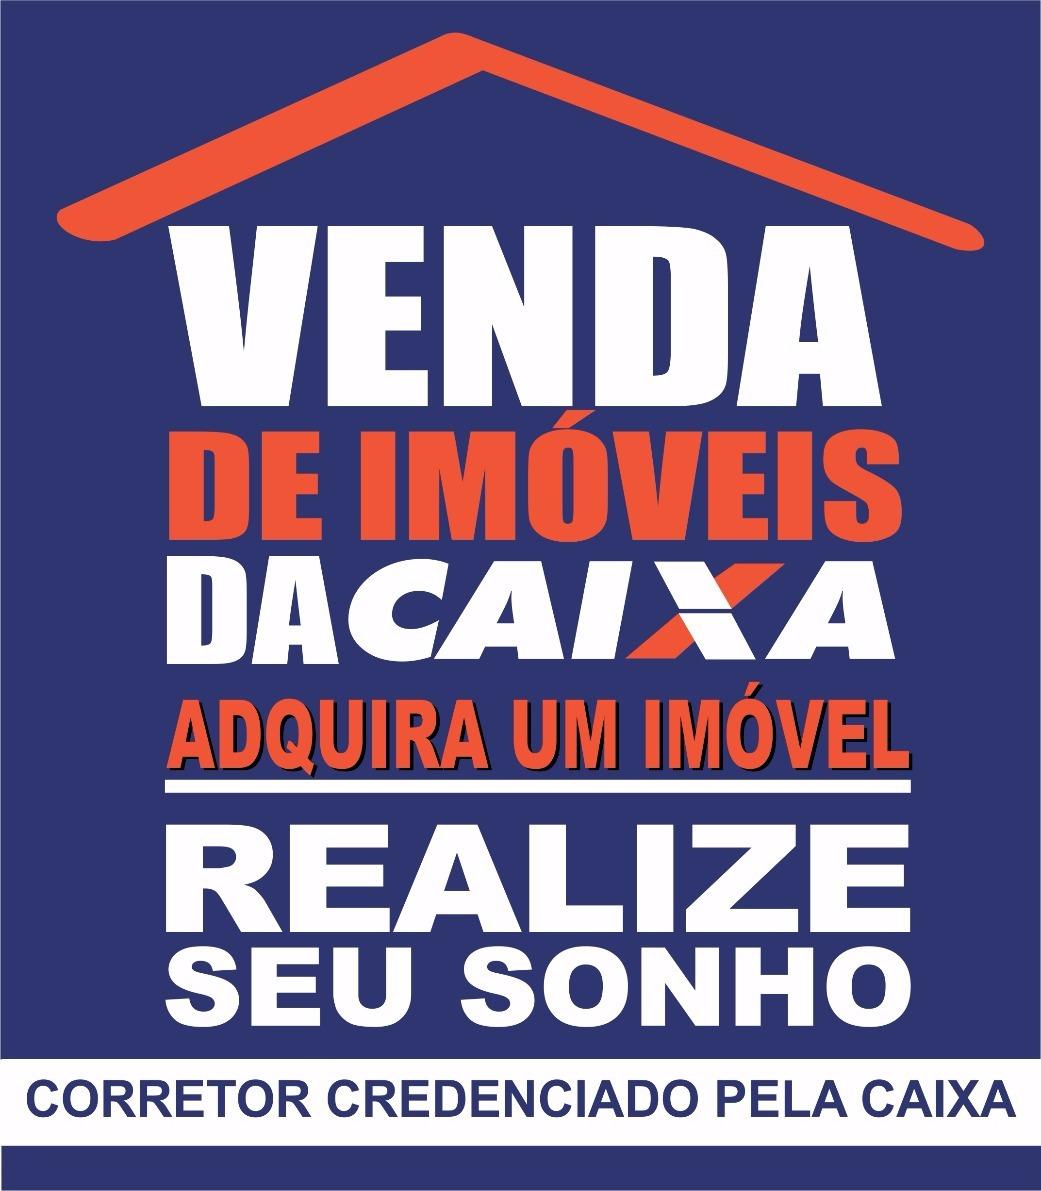 condominio delfos i - oportunidade caixa em sorocaba - sp | tipo: casa | negociação: venda direta online | situação: imóvel ocupado - cx70735sp